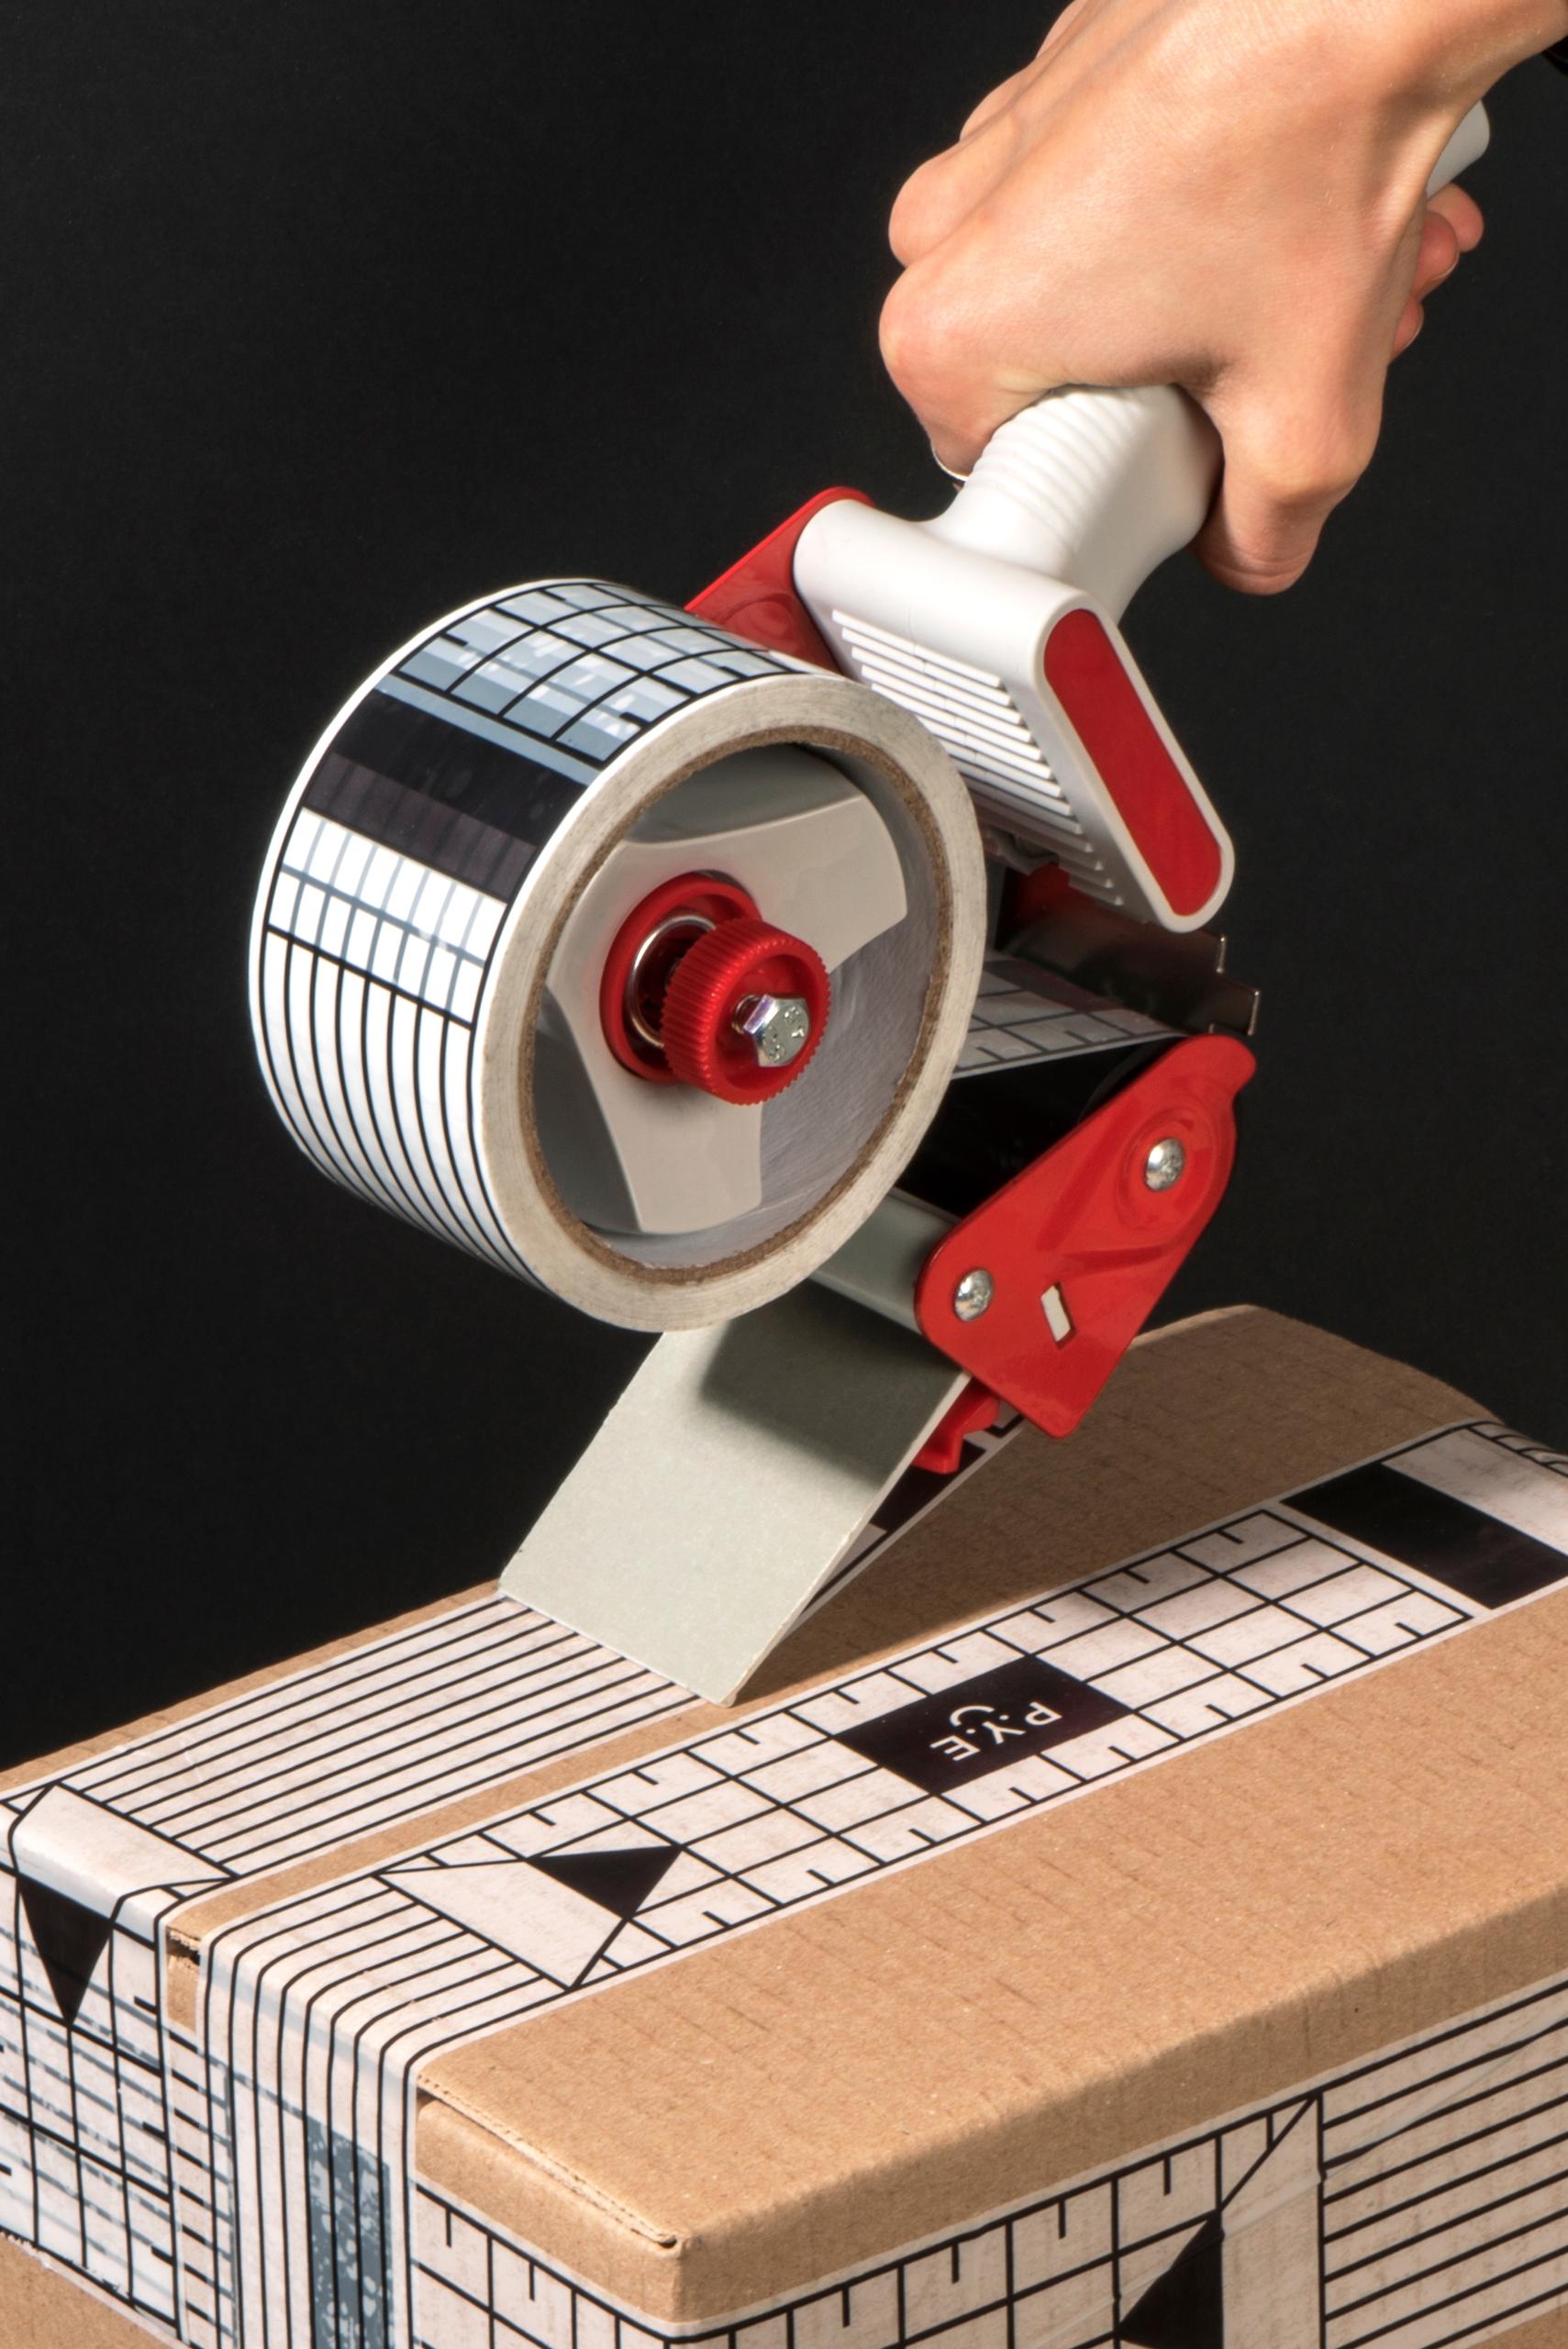 Tape - facultativeworks | ello